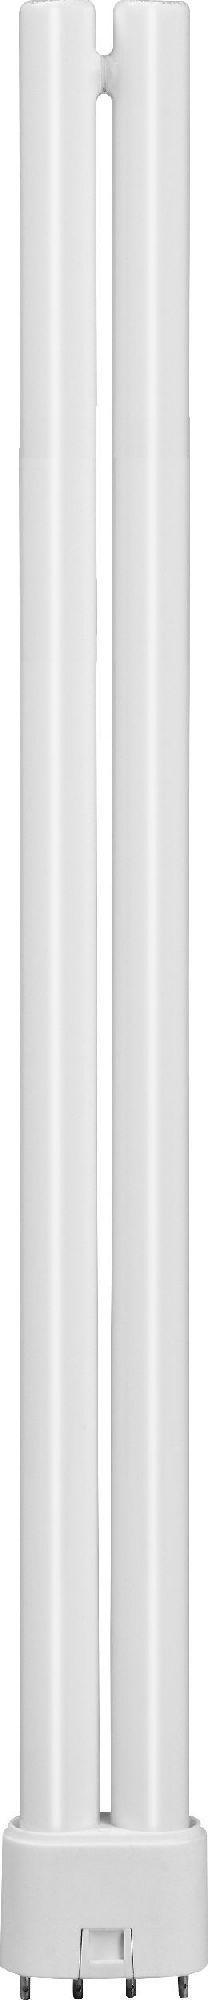 Świetlówka kompaktowa Sylvania 2G11 36W (0025658) 1